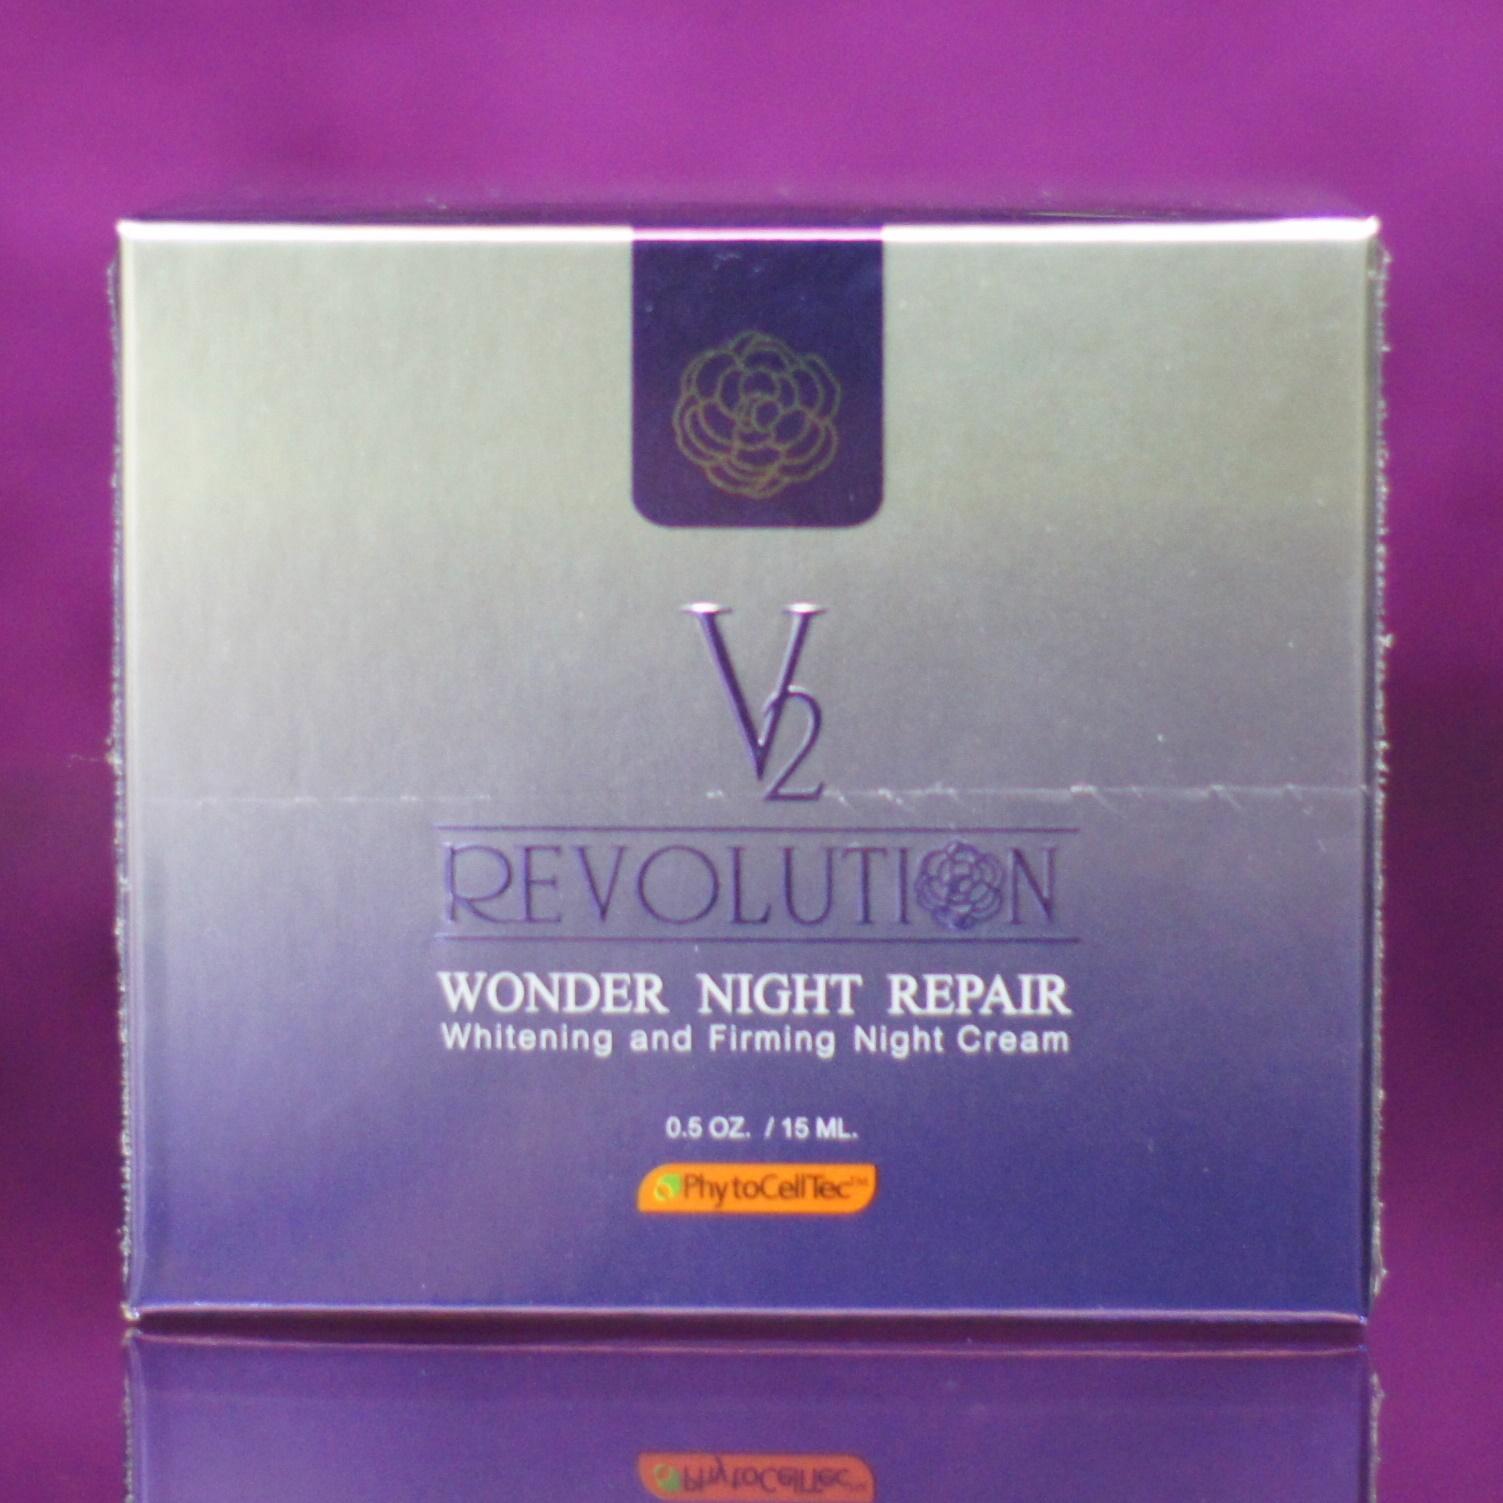 V2 Revolution Wonder Night Repair